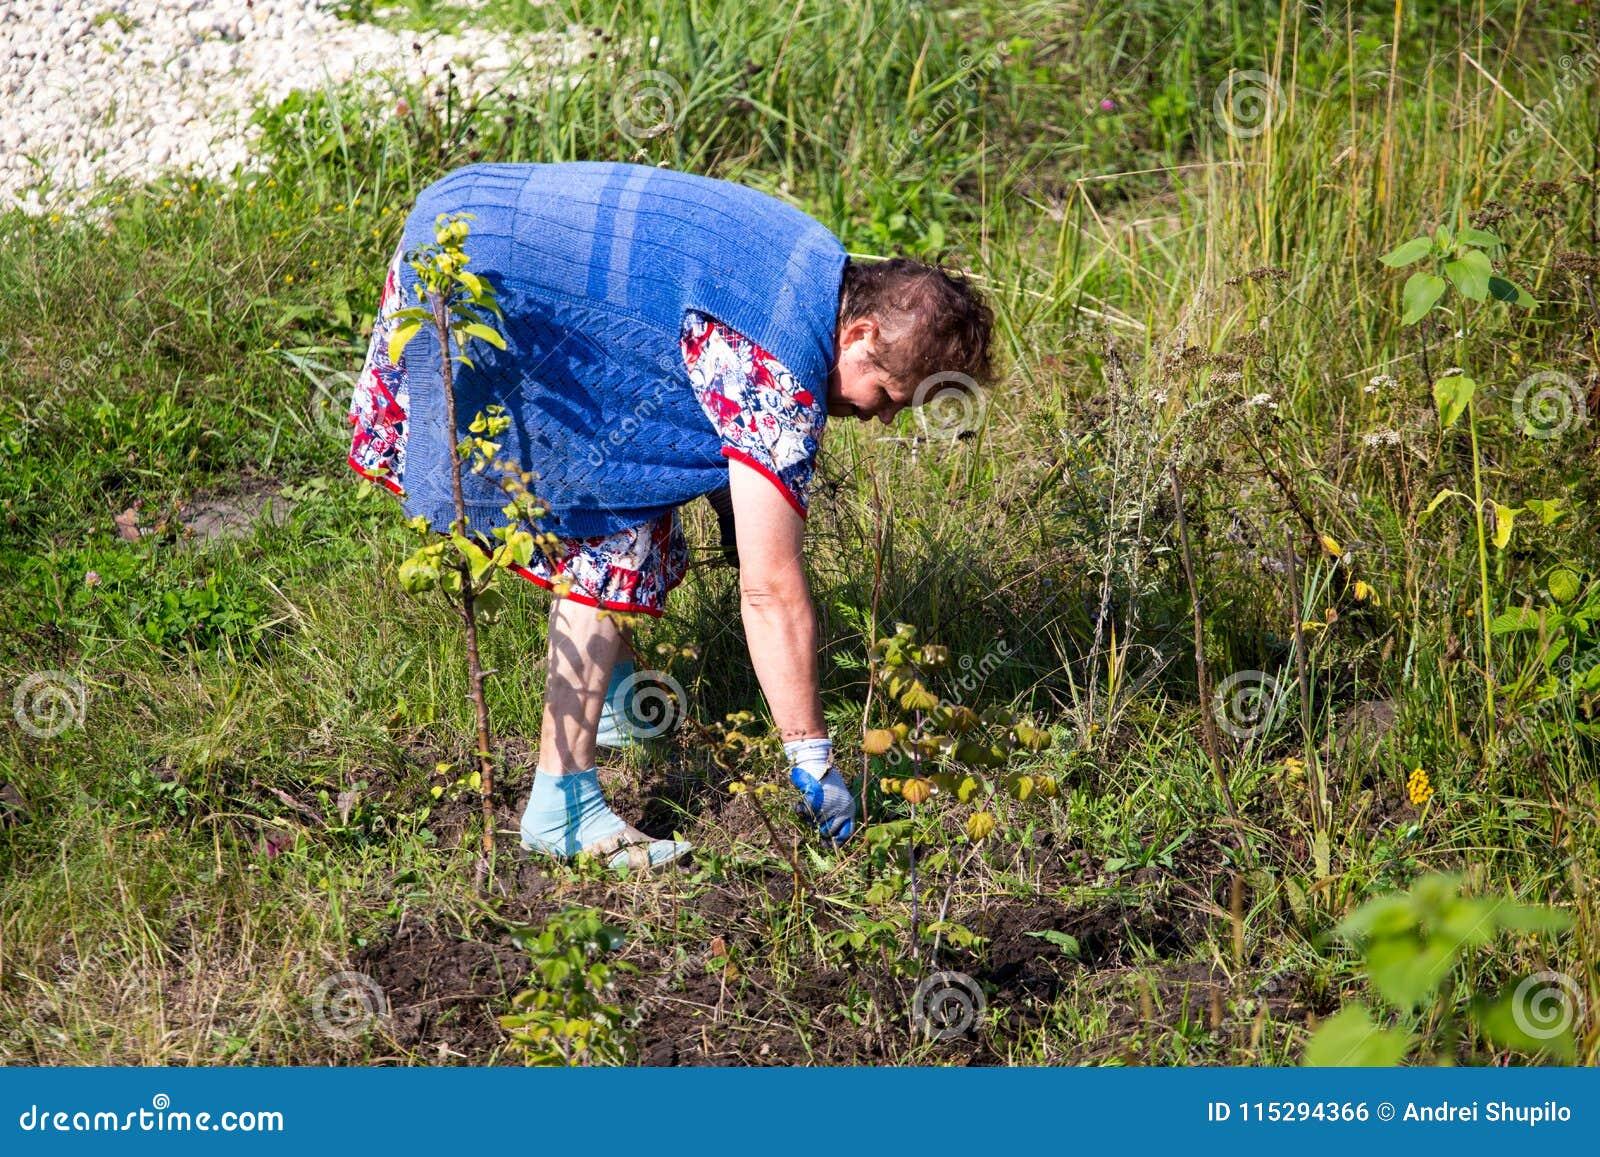 Бабушка срывает траву в саде